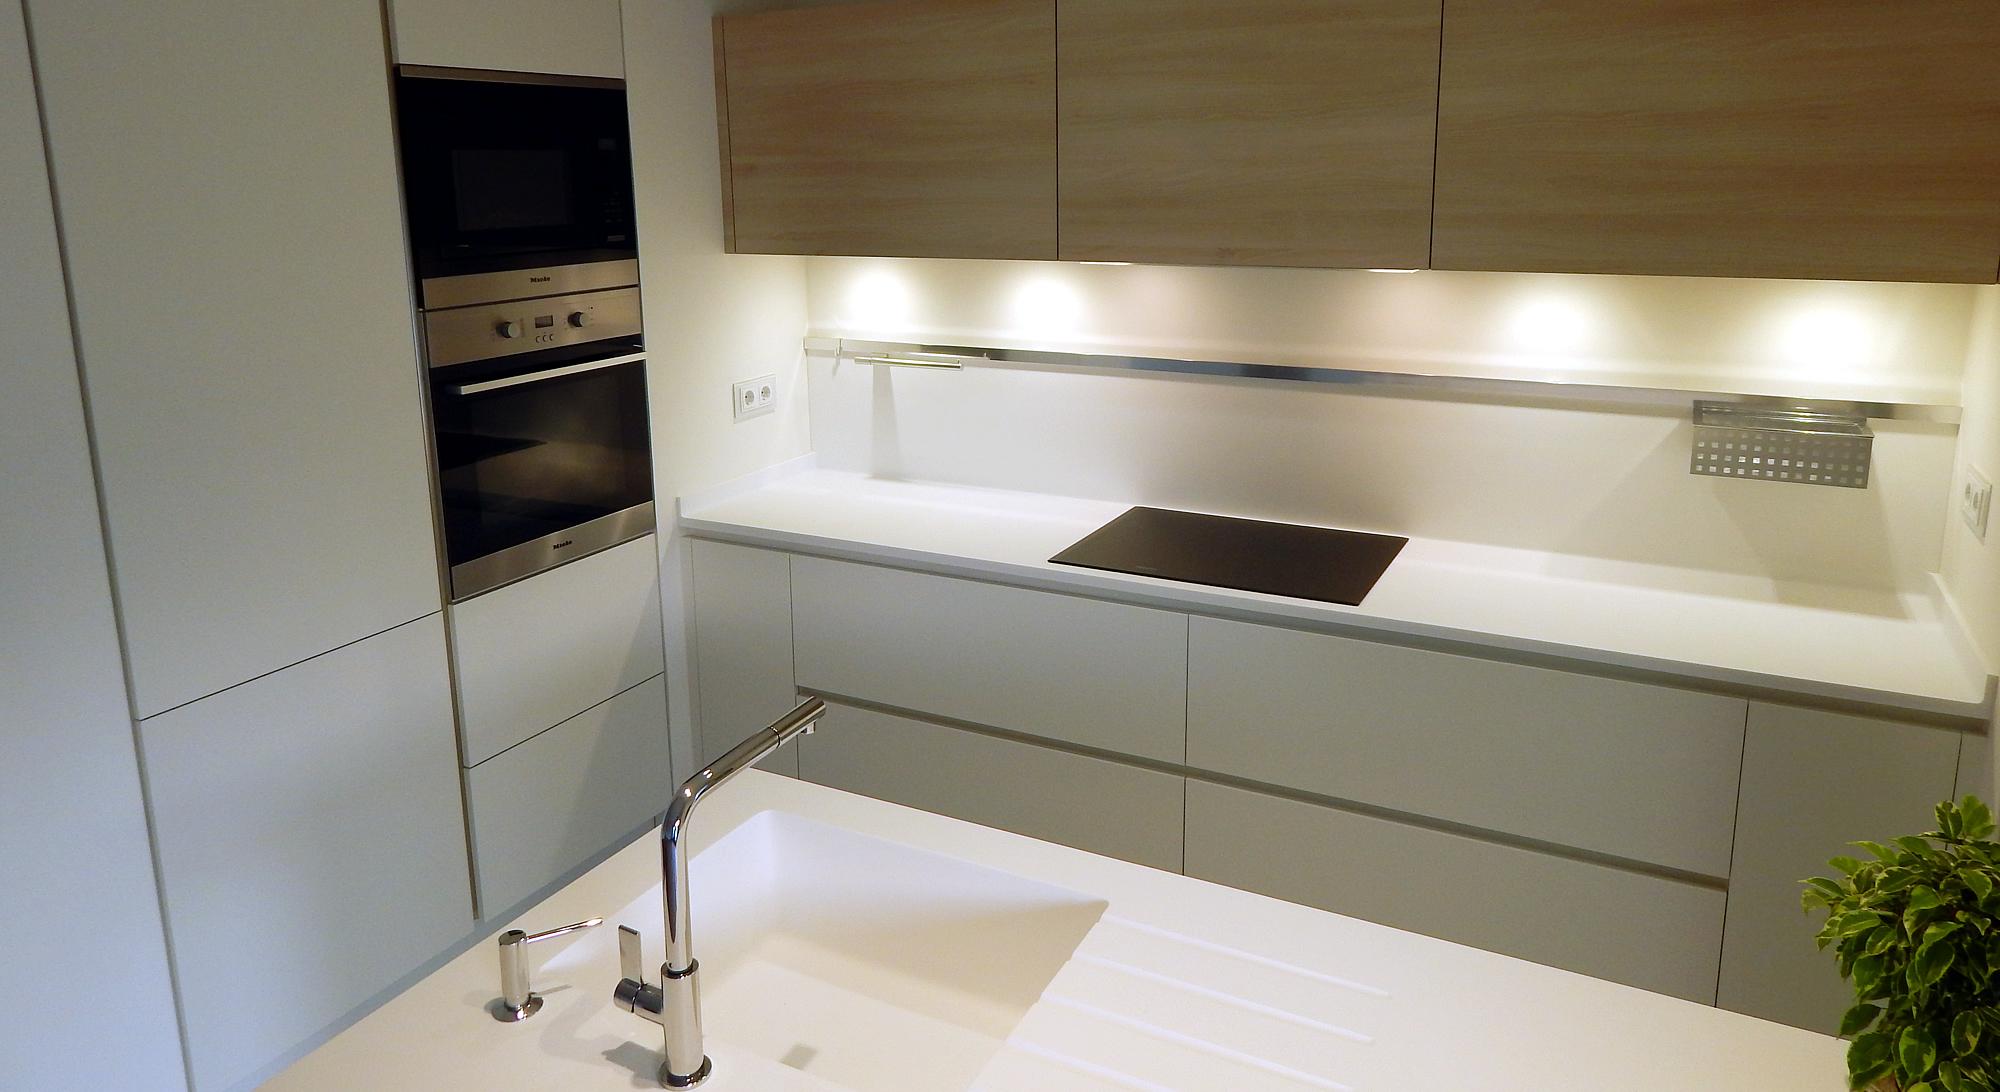 Modelos de muebles de cocina blancos ideas Muebles de cocina xey modelo alpina